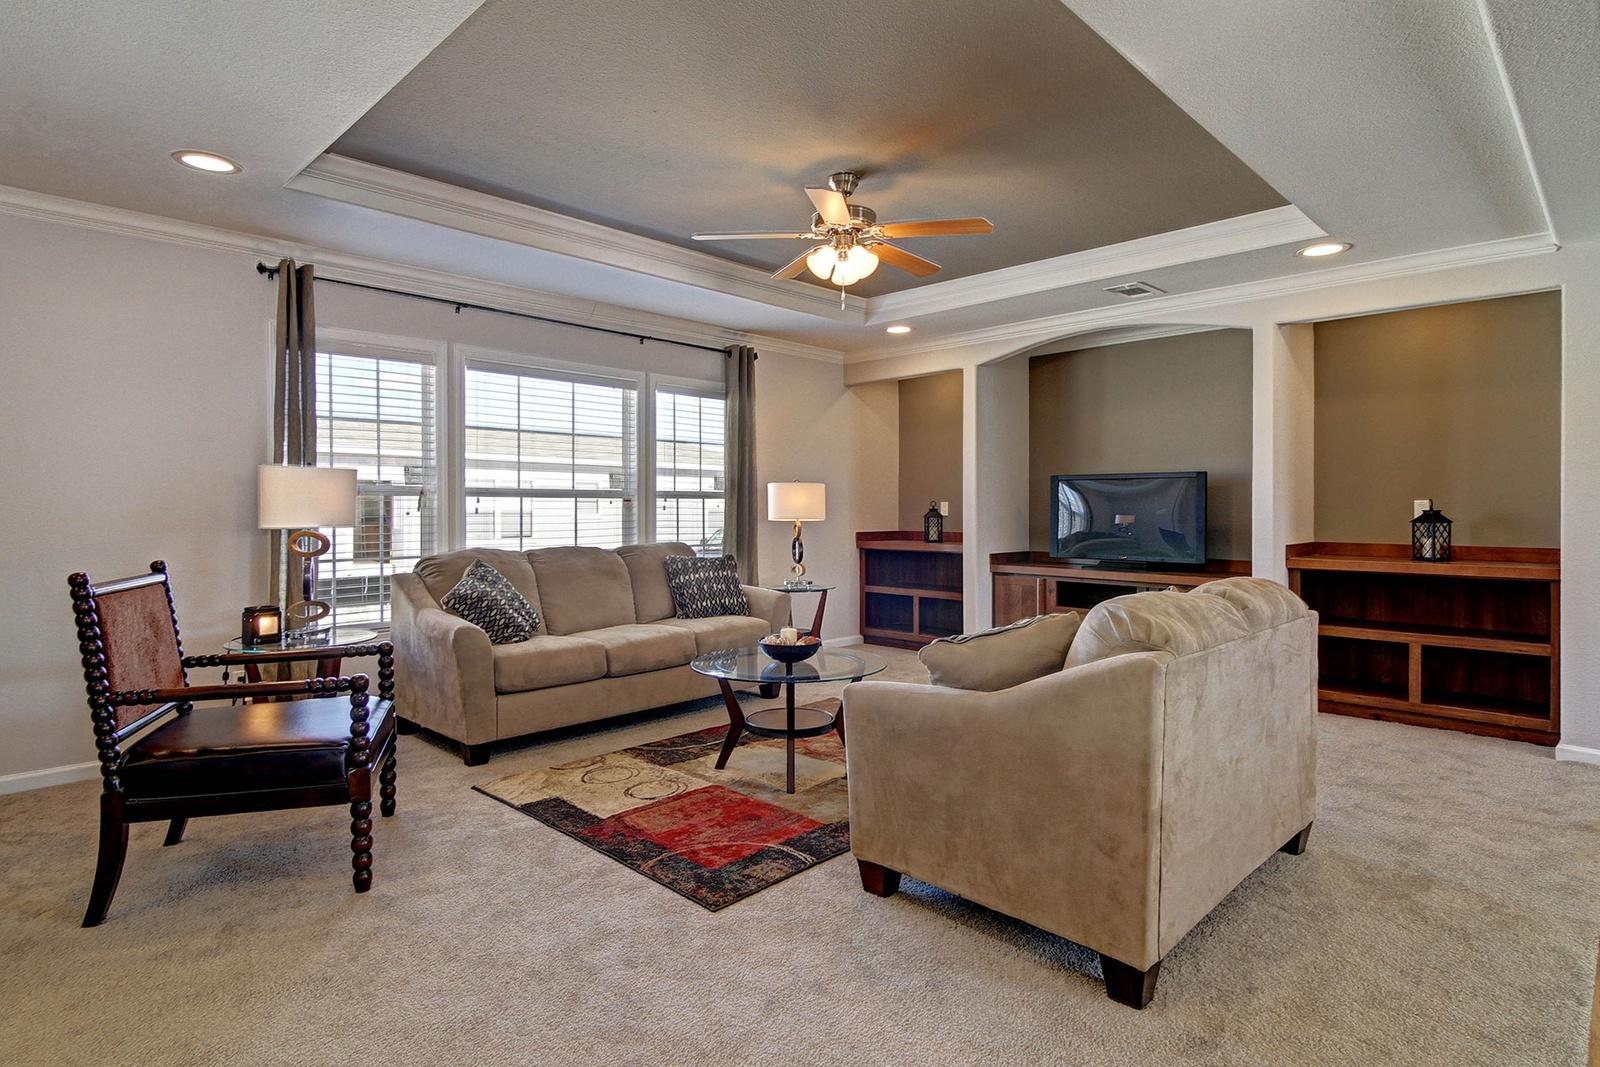 hillcrest-living-room-1600x1067.jpg